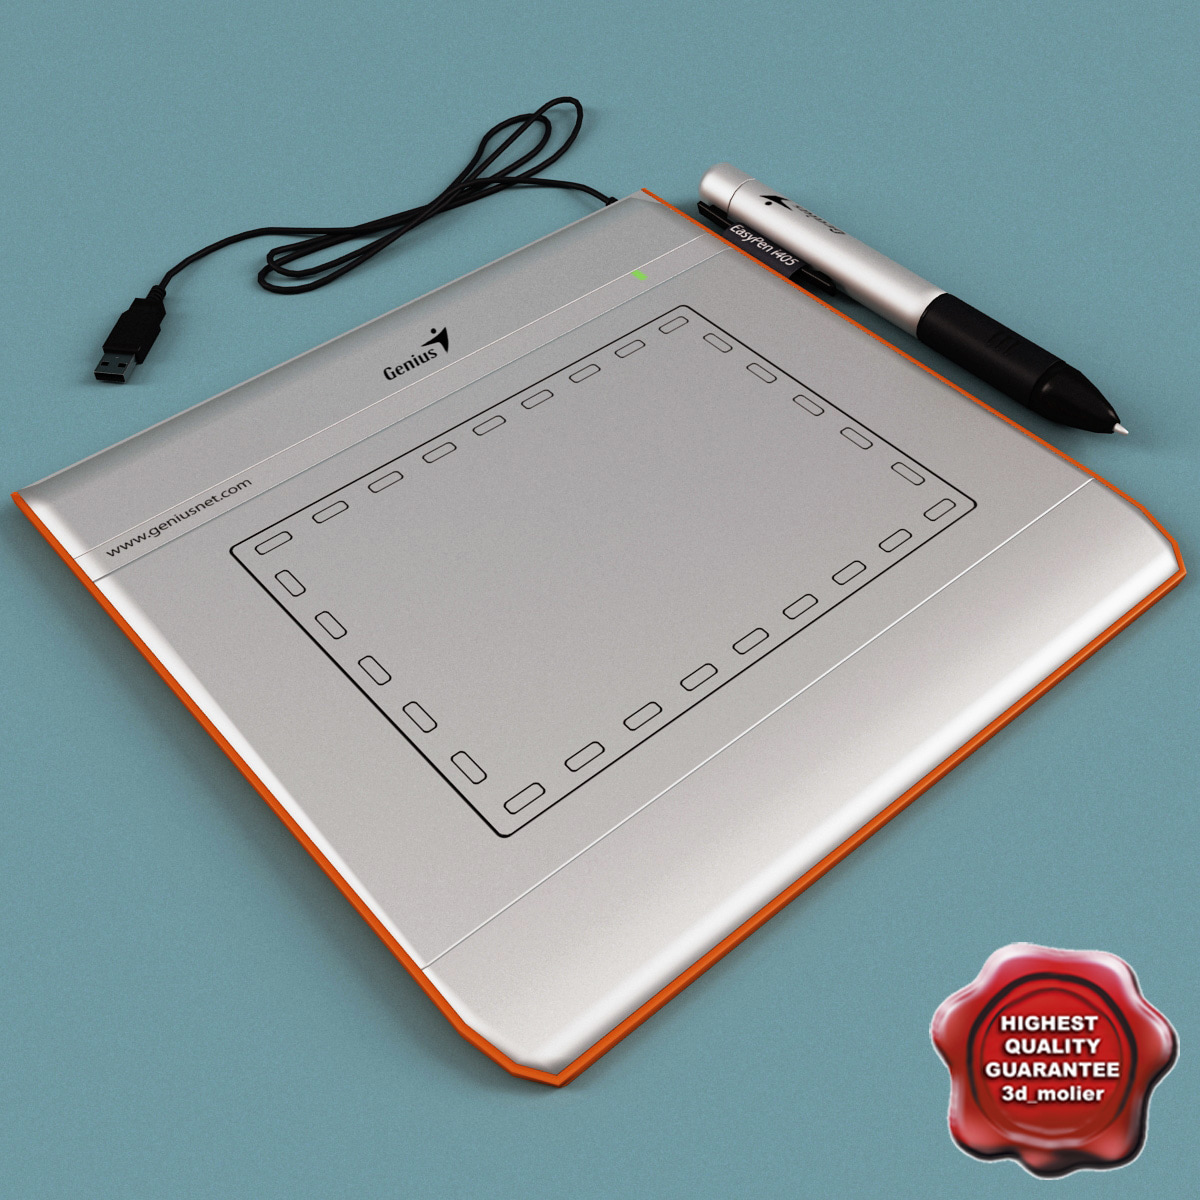 graphic tablet genius easypen 3d 3ds